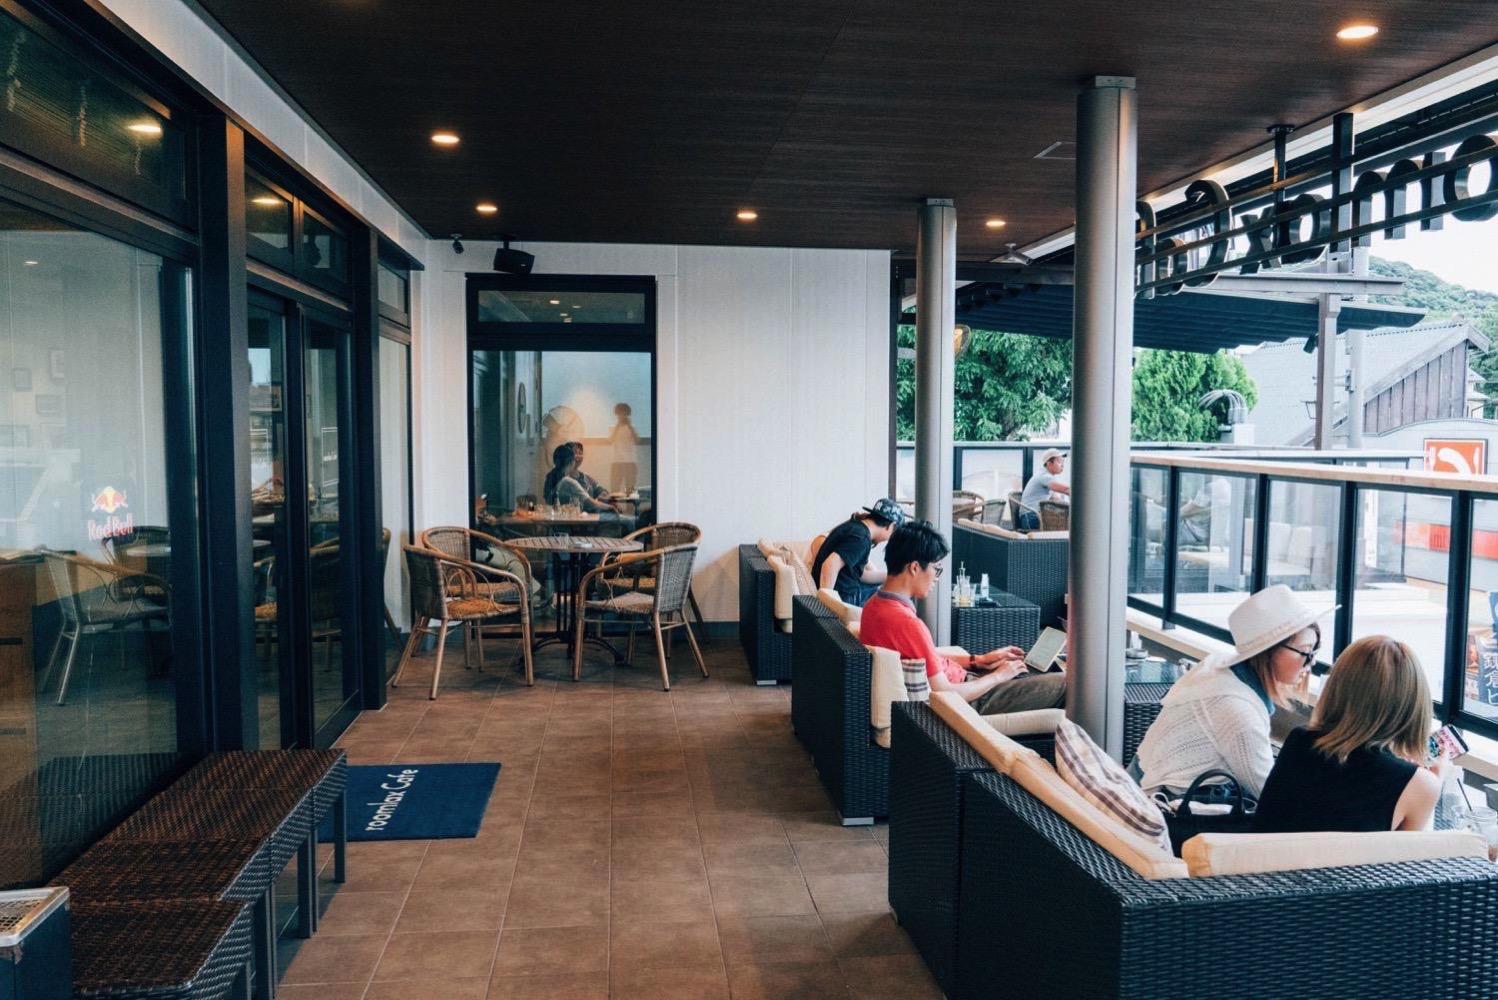 Roomlax cafe kamakura 2